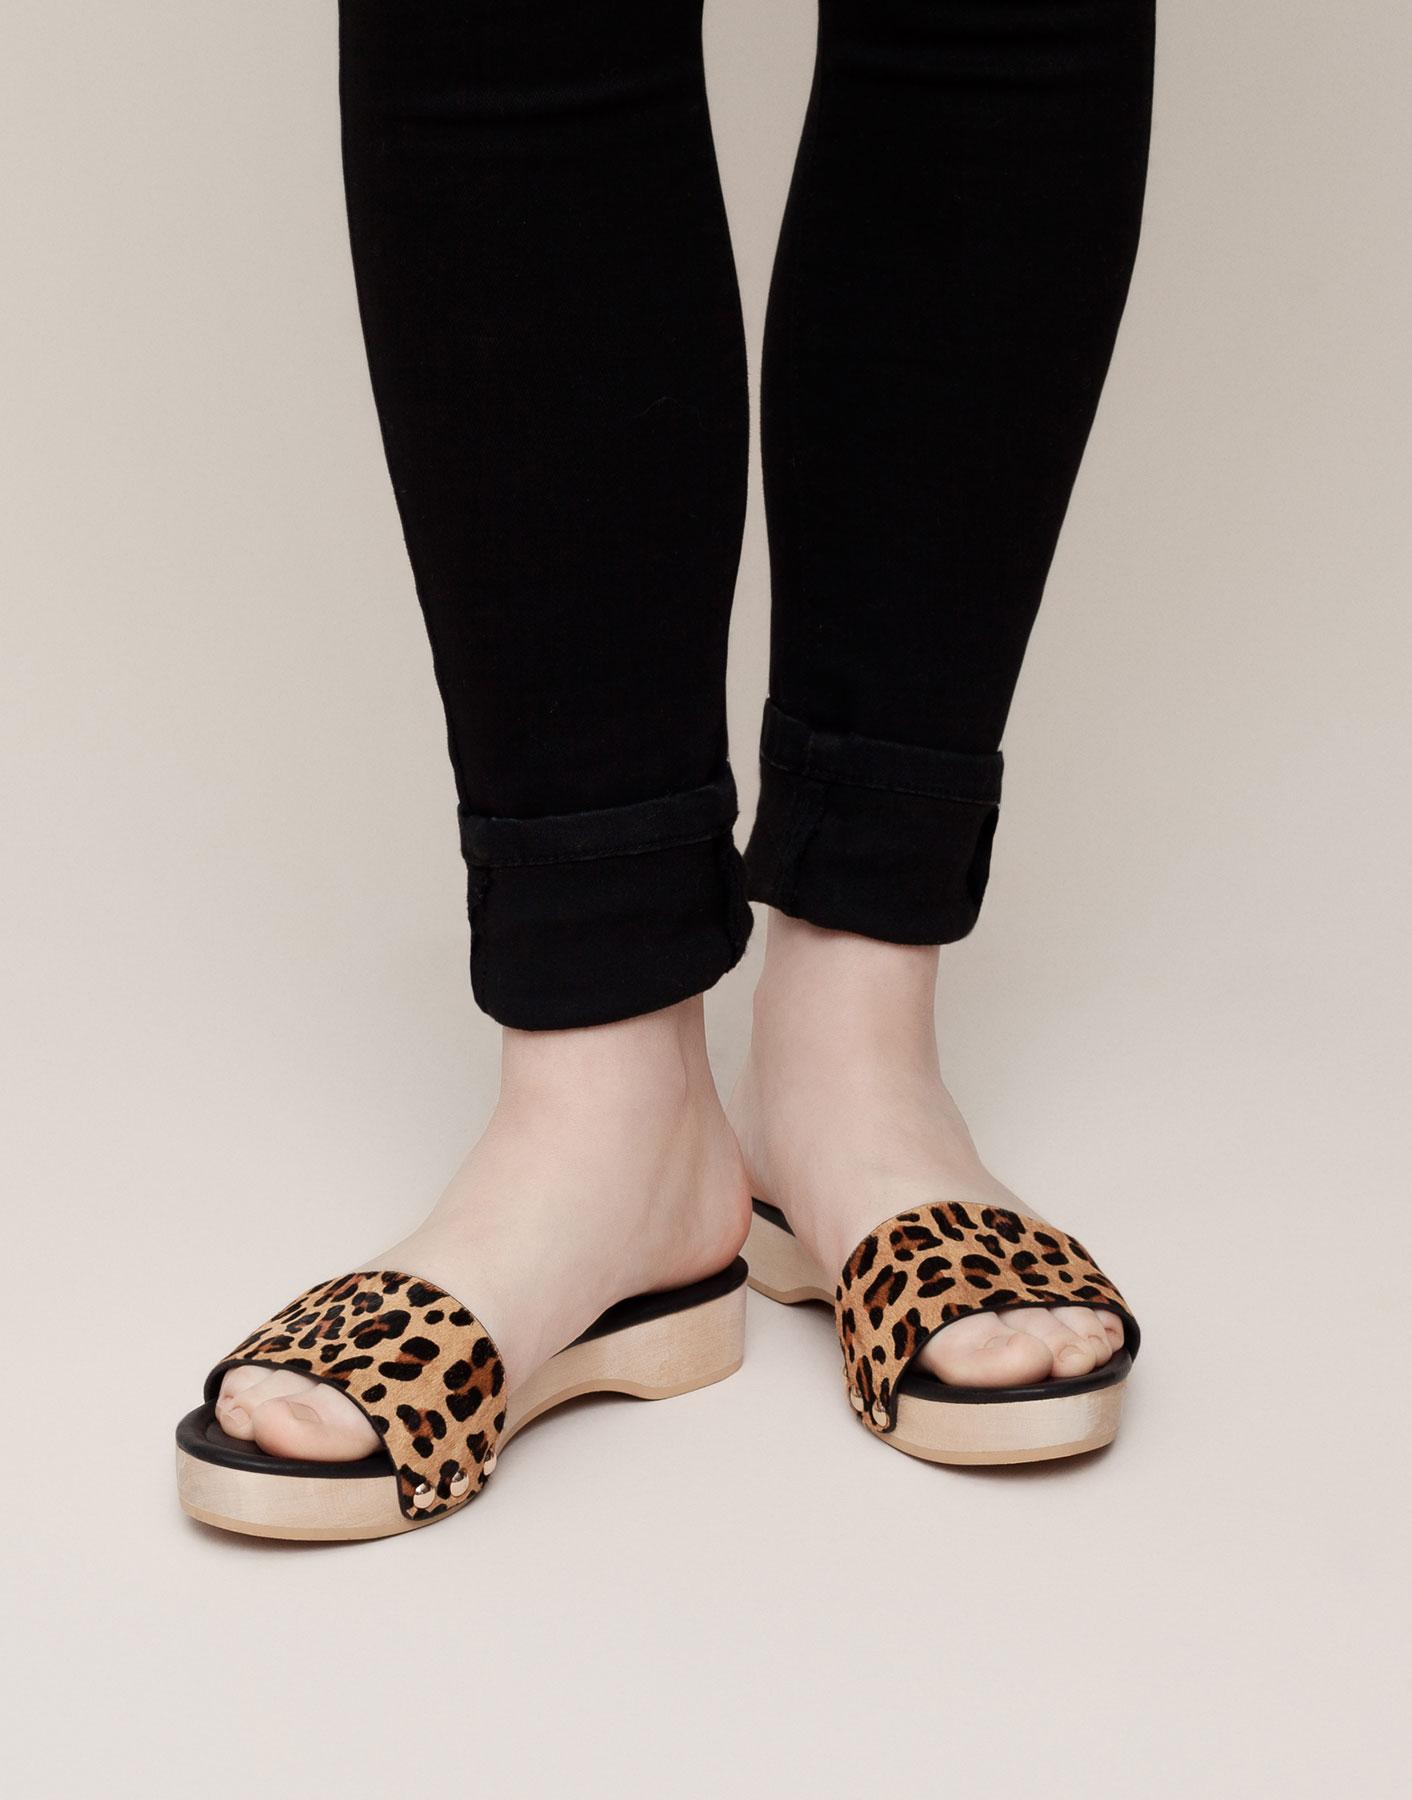 喜歡窄版設計的,也可以選擇有點跟,鞋背帶設計比較特別的款式,就不會那麼單調了!